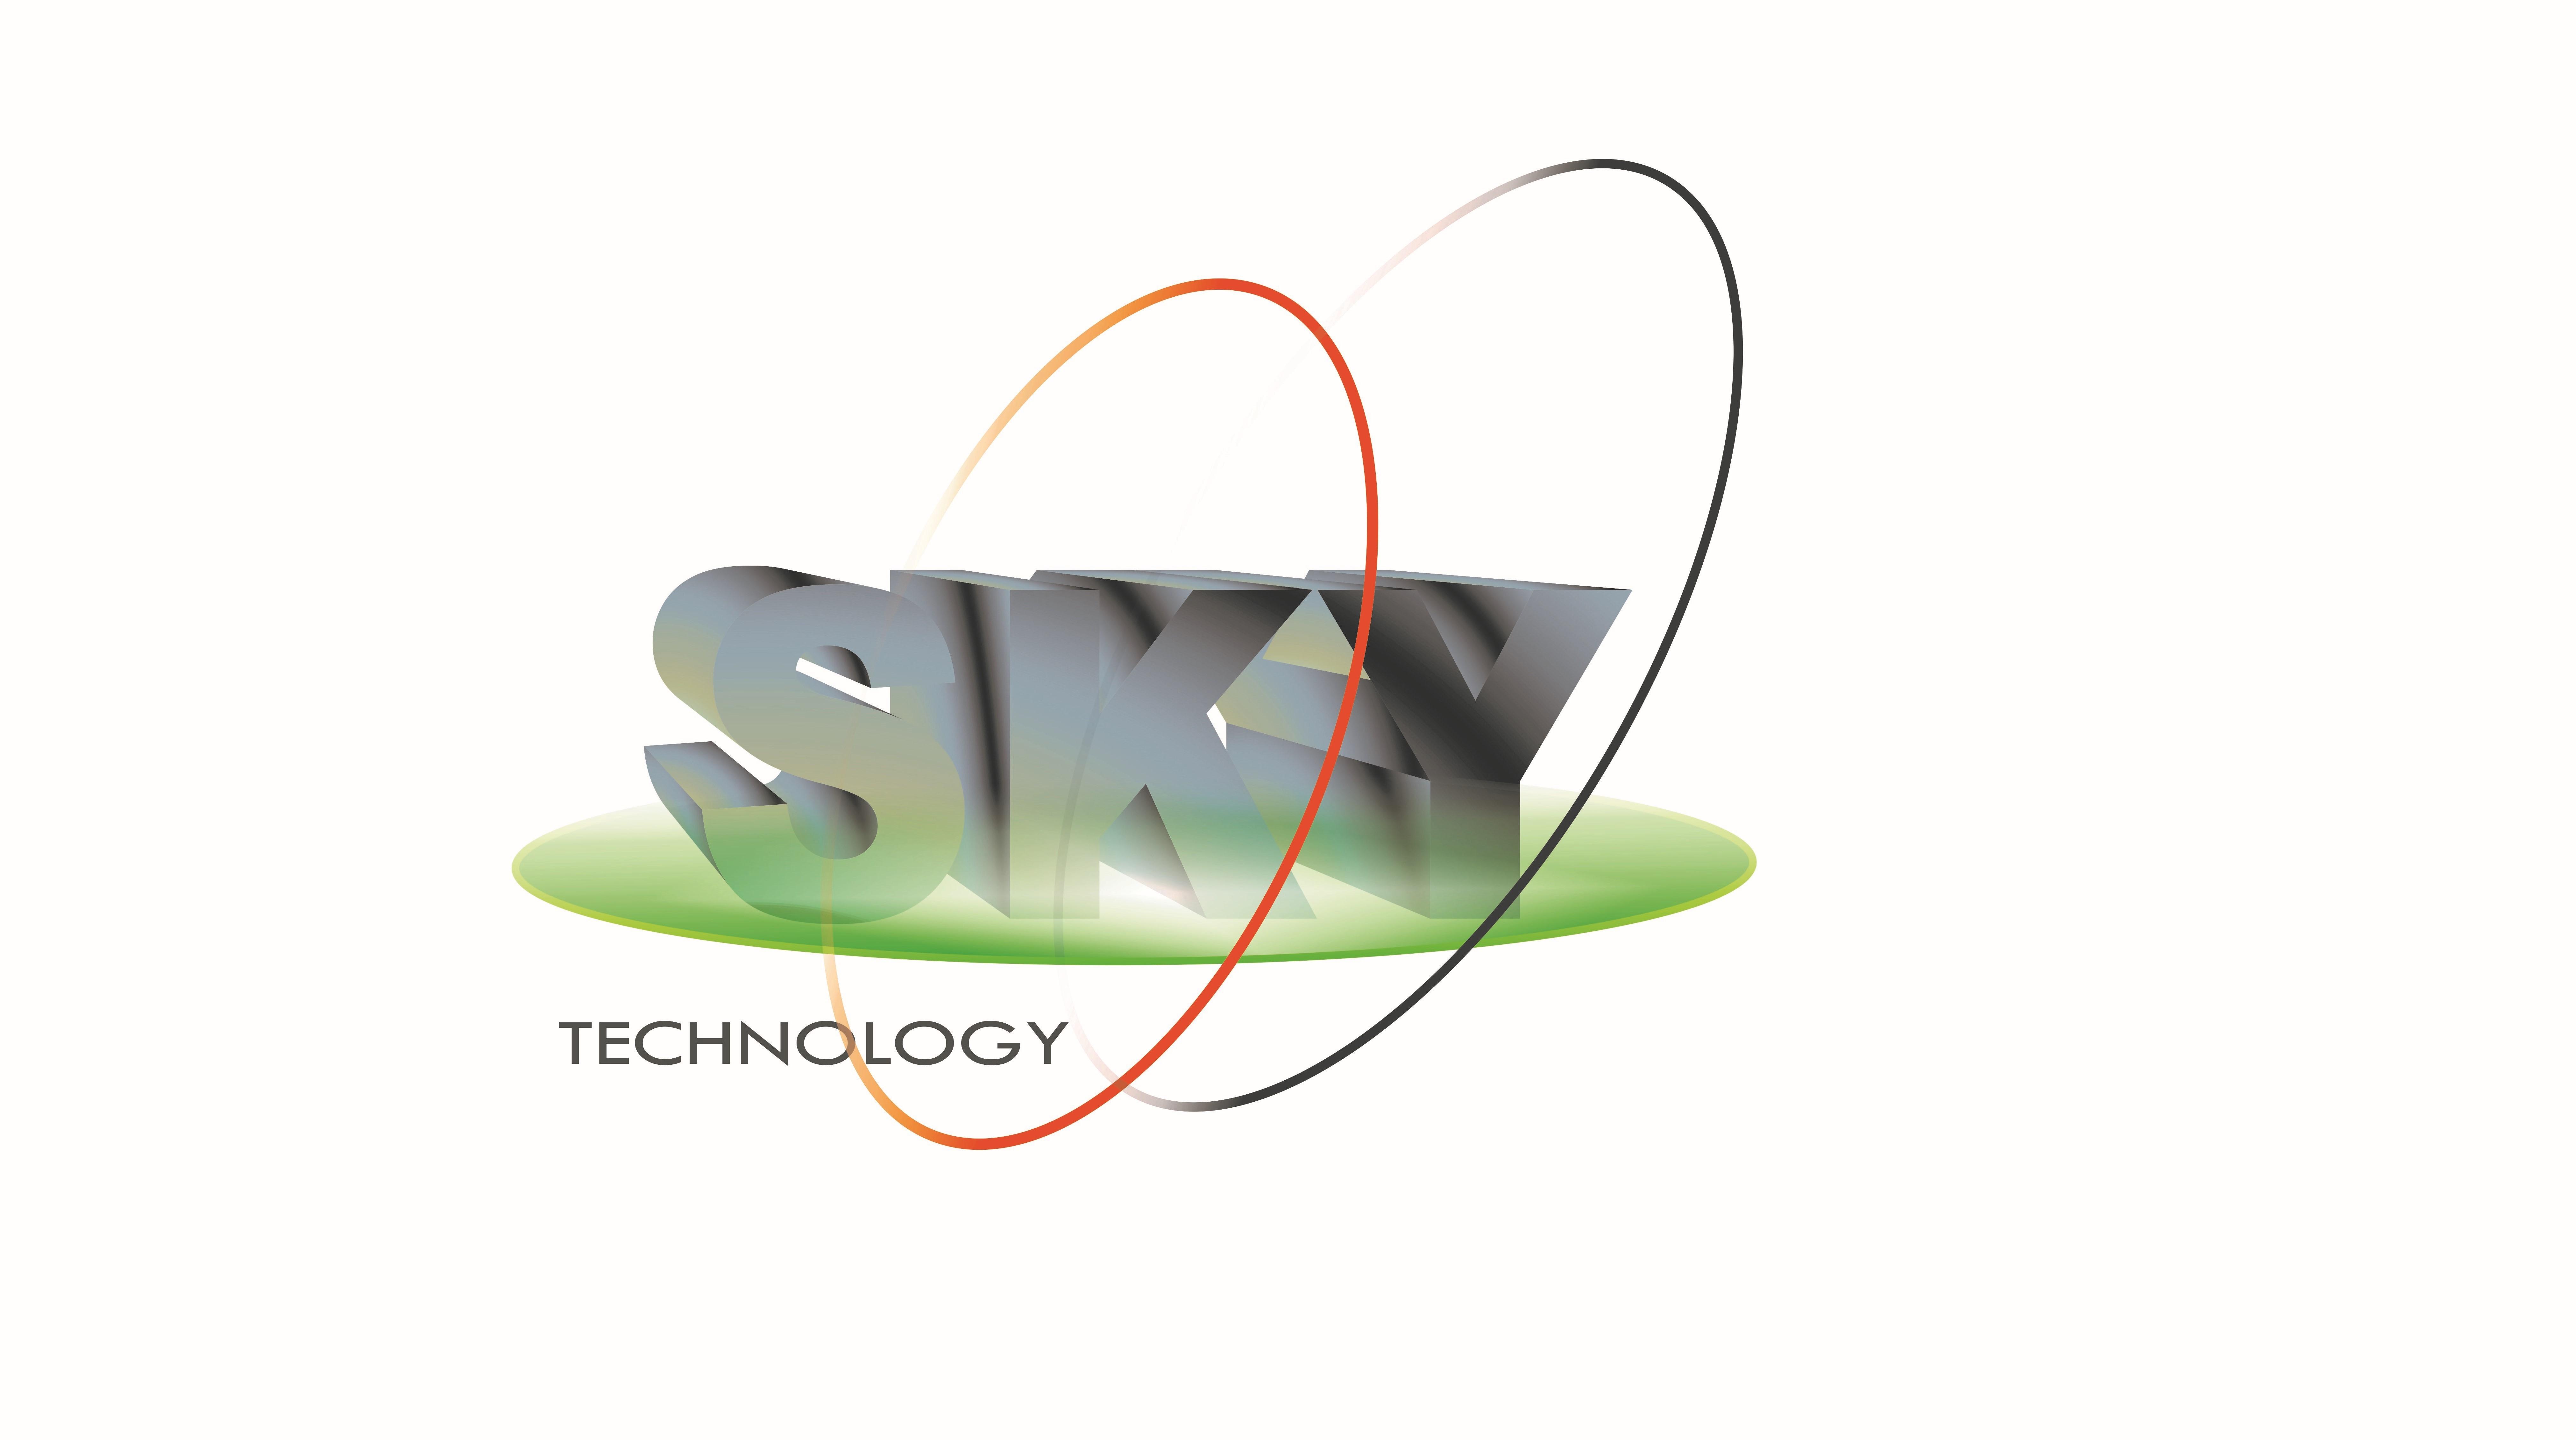 Новый логотип для производственной компании фото f_9935a8736056b4c3.jpg